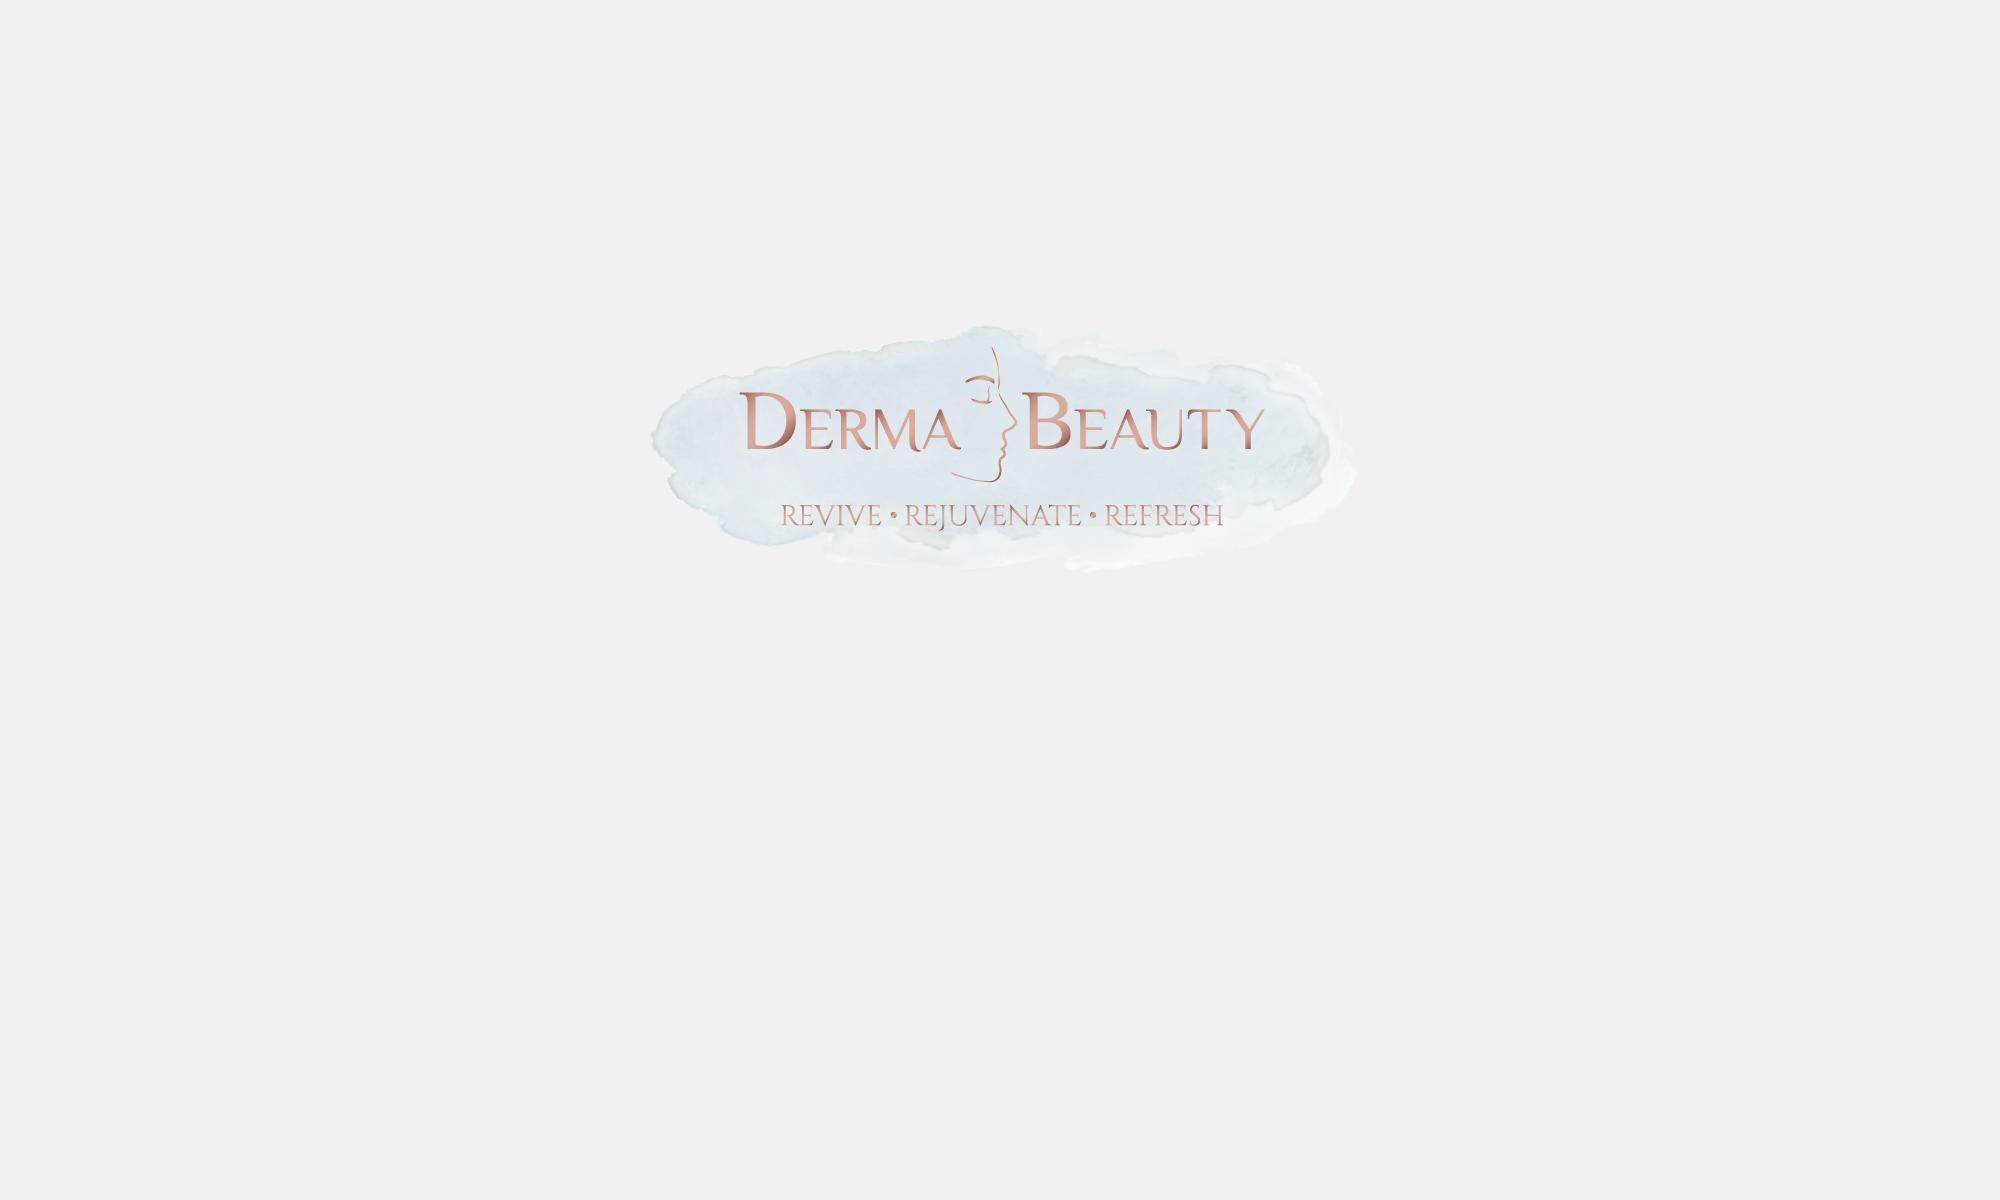 Derma Beauty